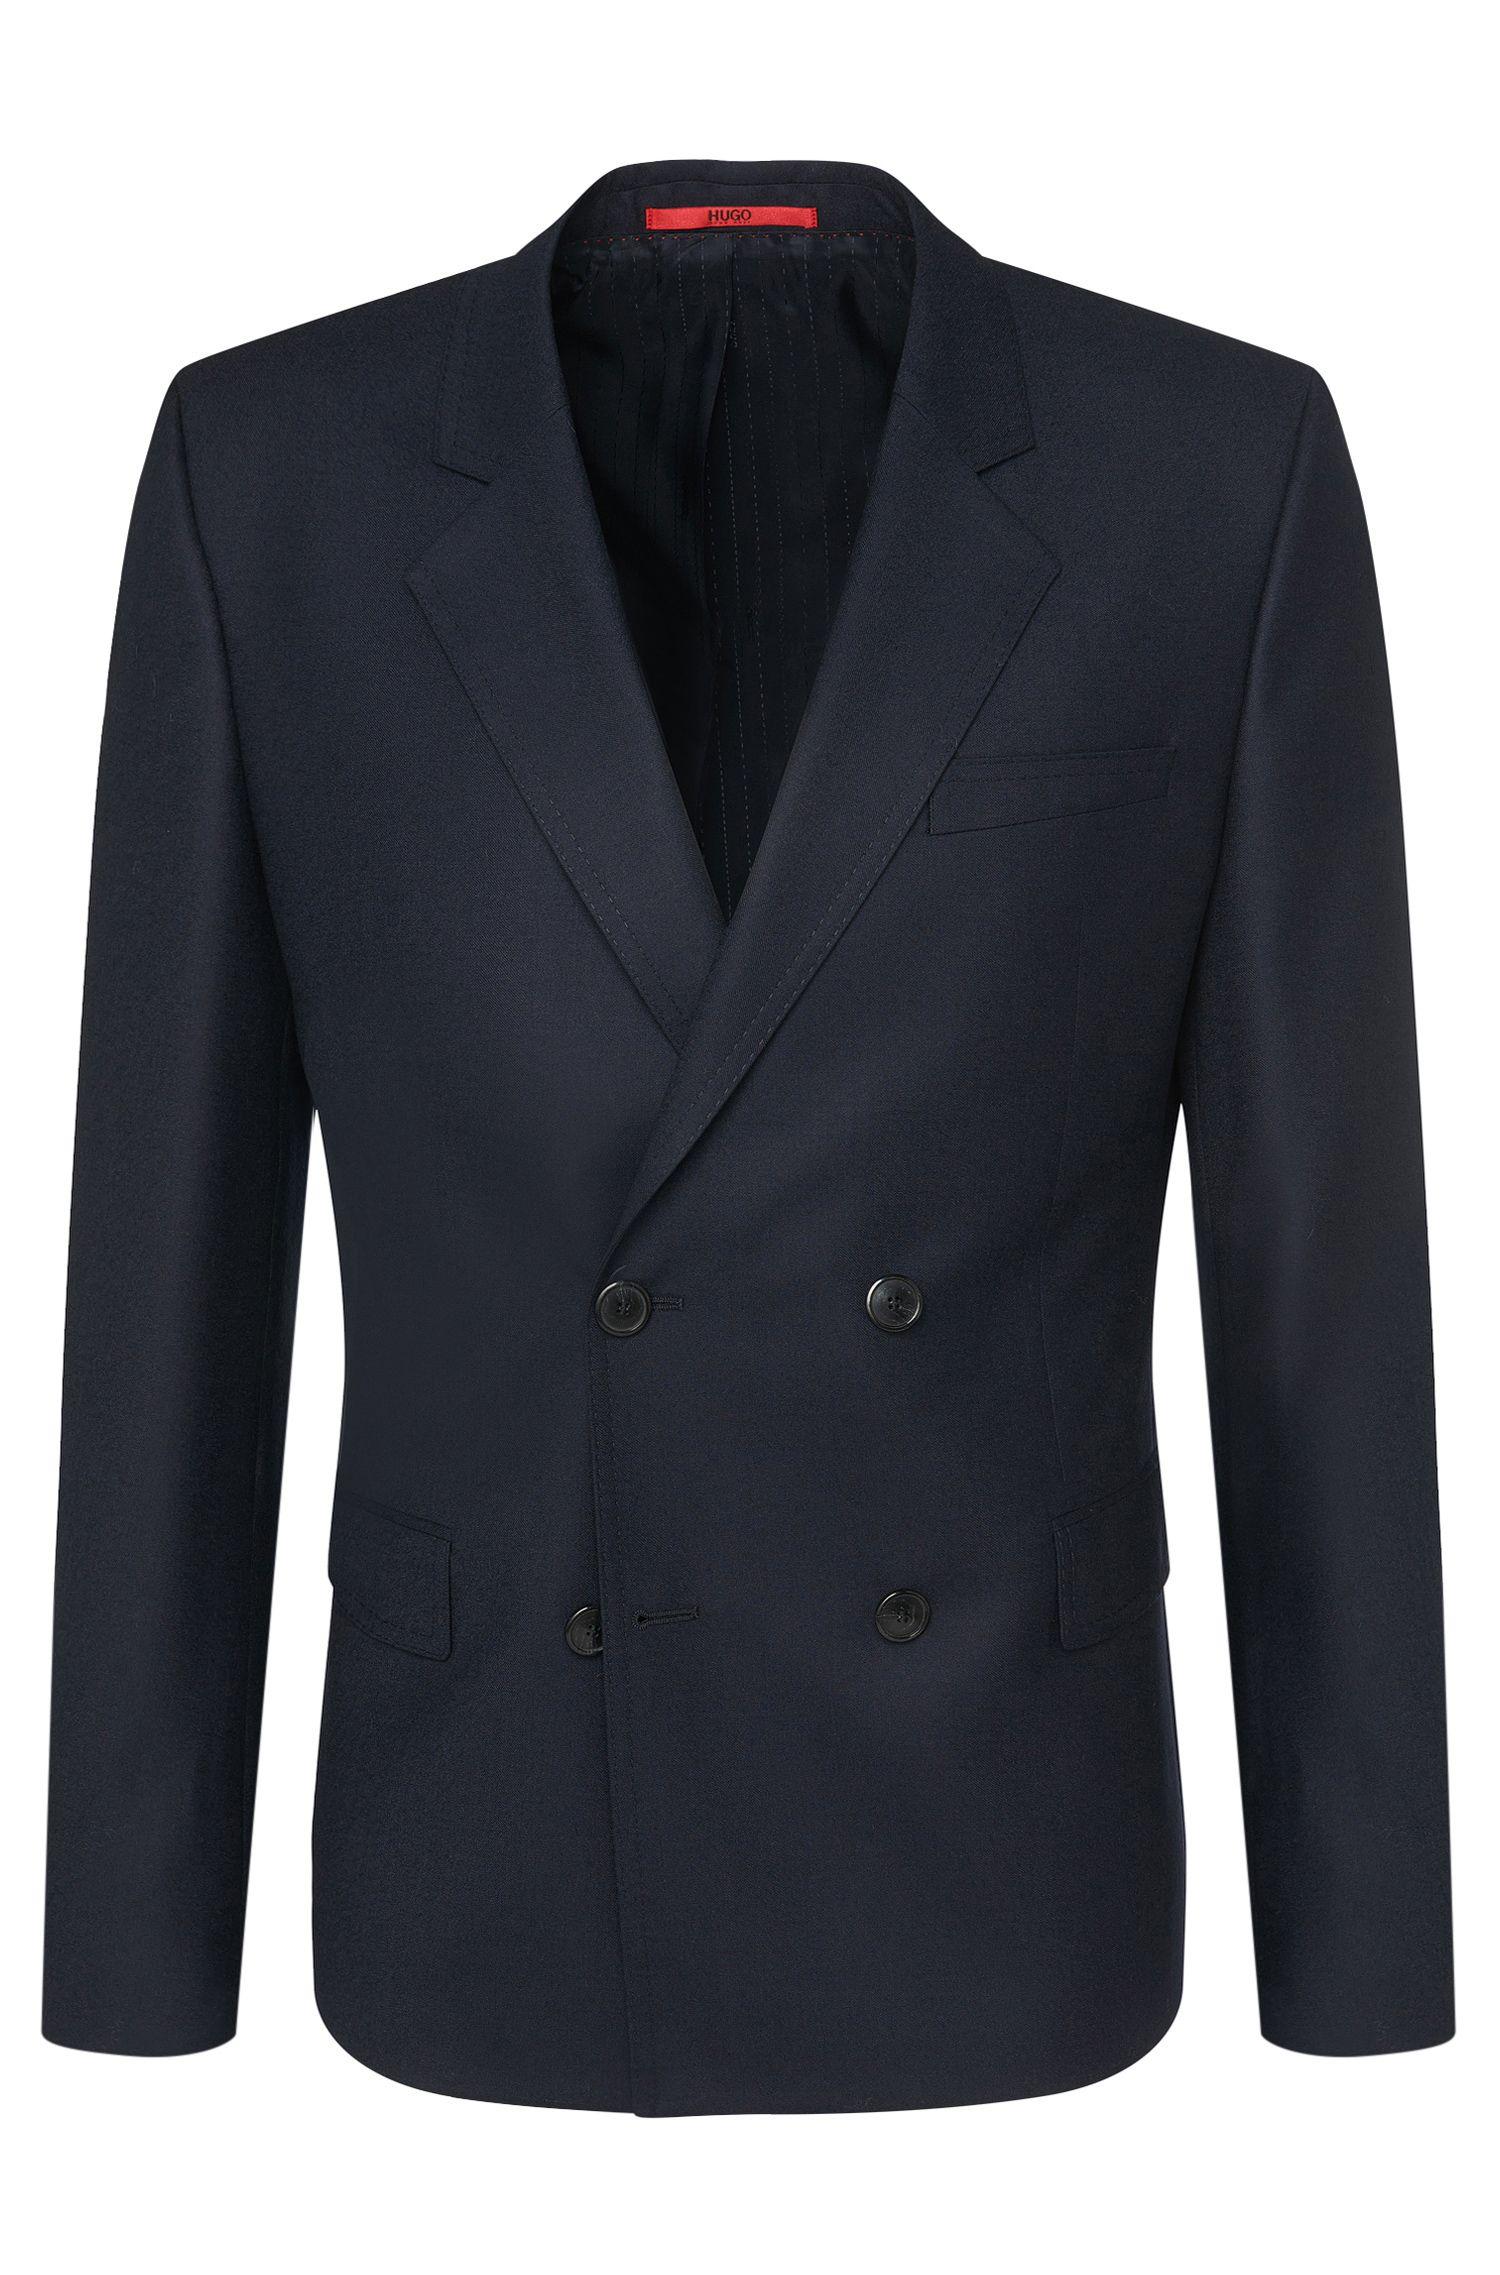 'Andru' | Slim Fit, Virgin Wool Double Breasted Sport Coat